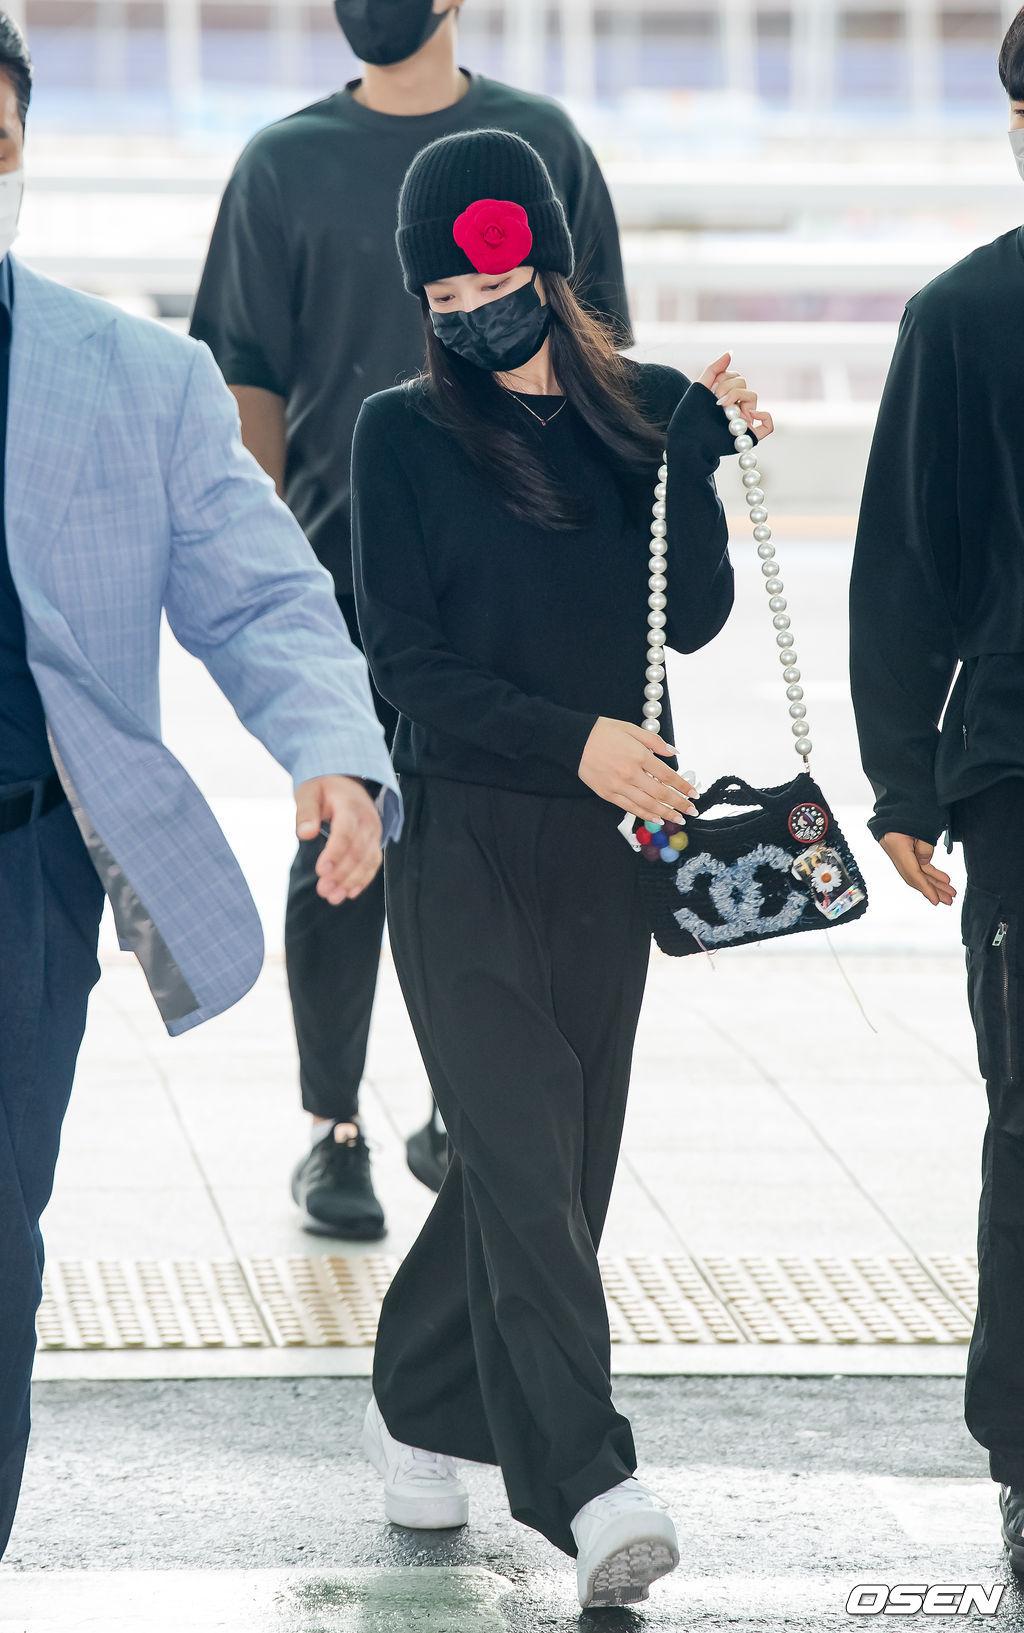 Jennie được ví như đang catwalk tại sân bay. Từ khóa Jennie airport runway vào top trending Twitter toàn cầu với hàng chục nghìn lượt tweet.